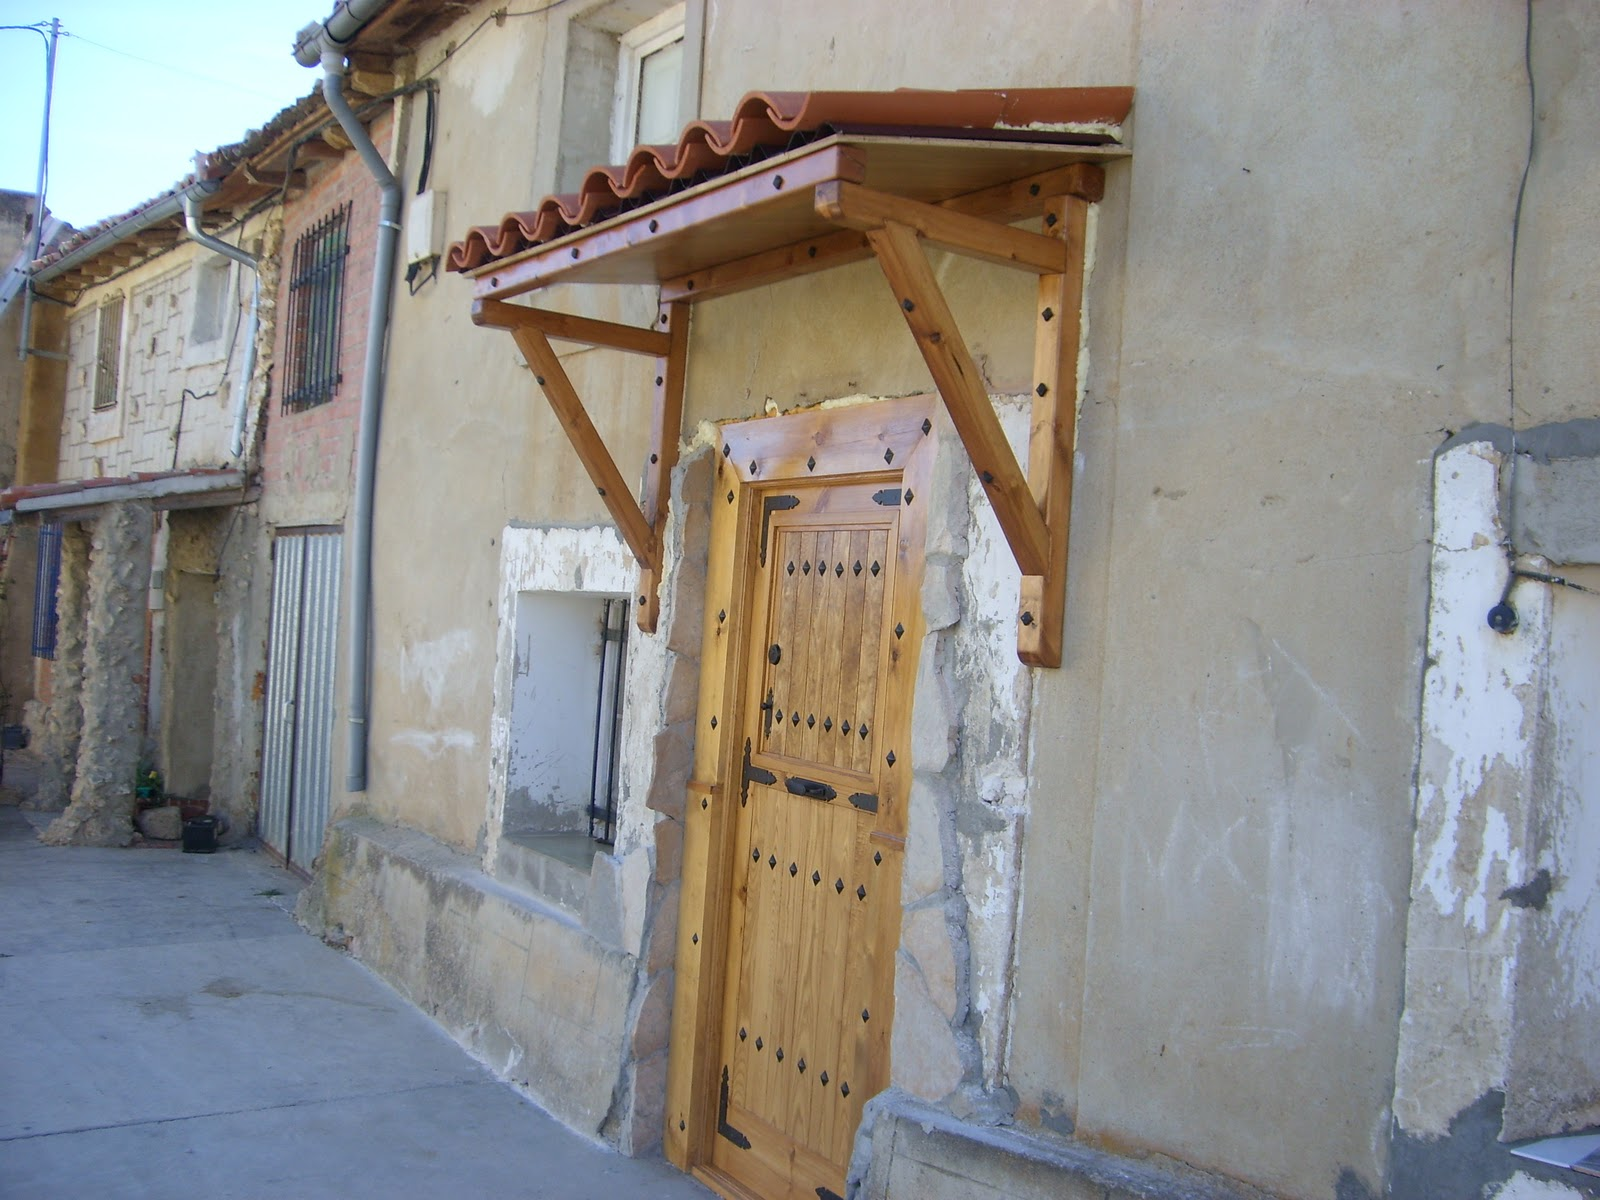 Modifica Tu Casa Diciembre 2010 ~ Tejadillos Para Puertas Rusticos